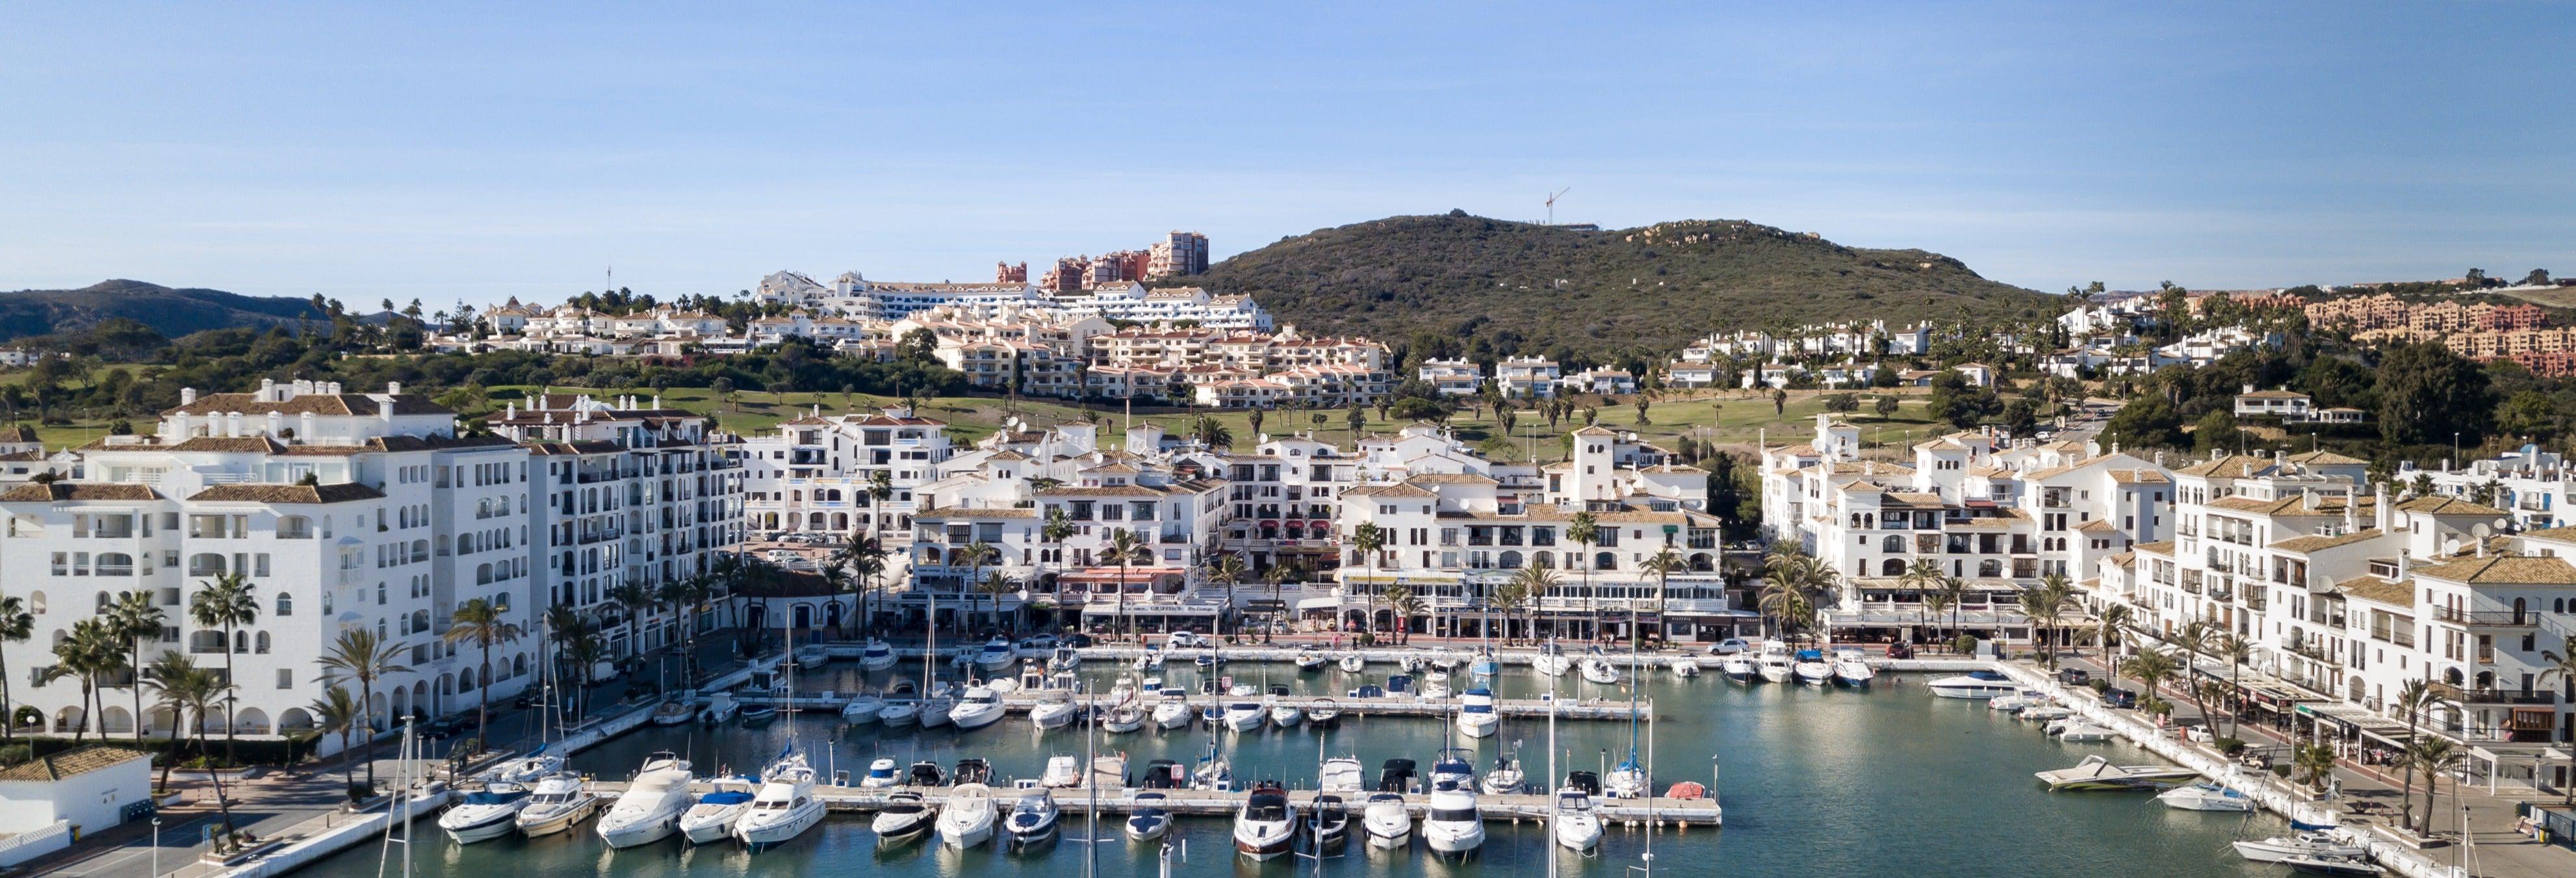 Tour del porto di Estepona